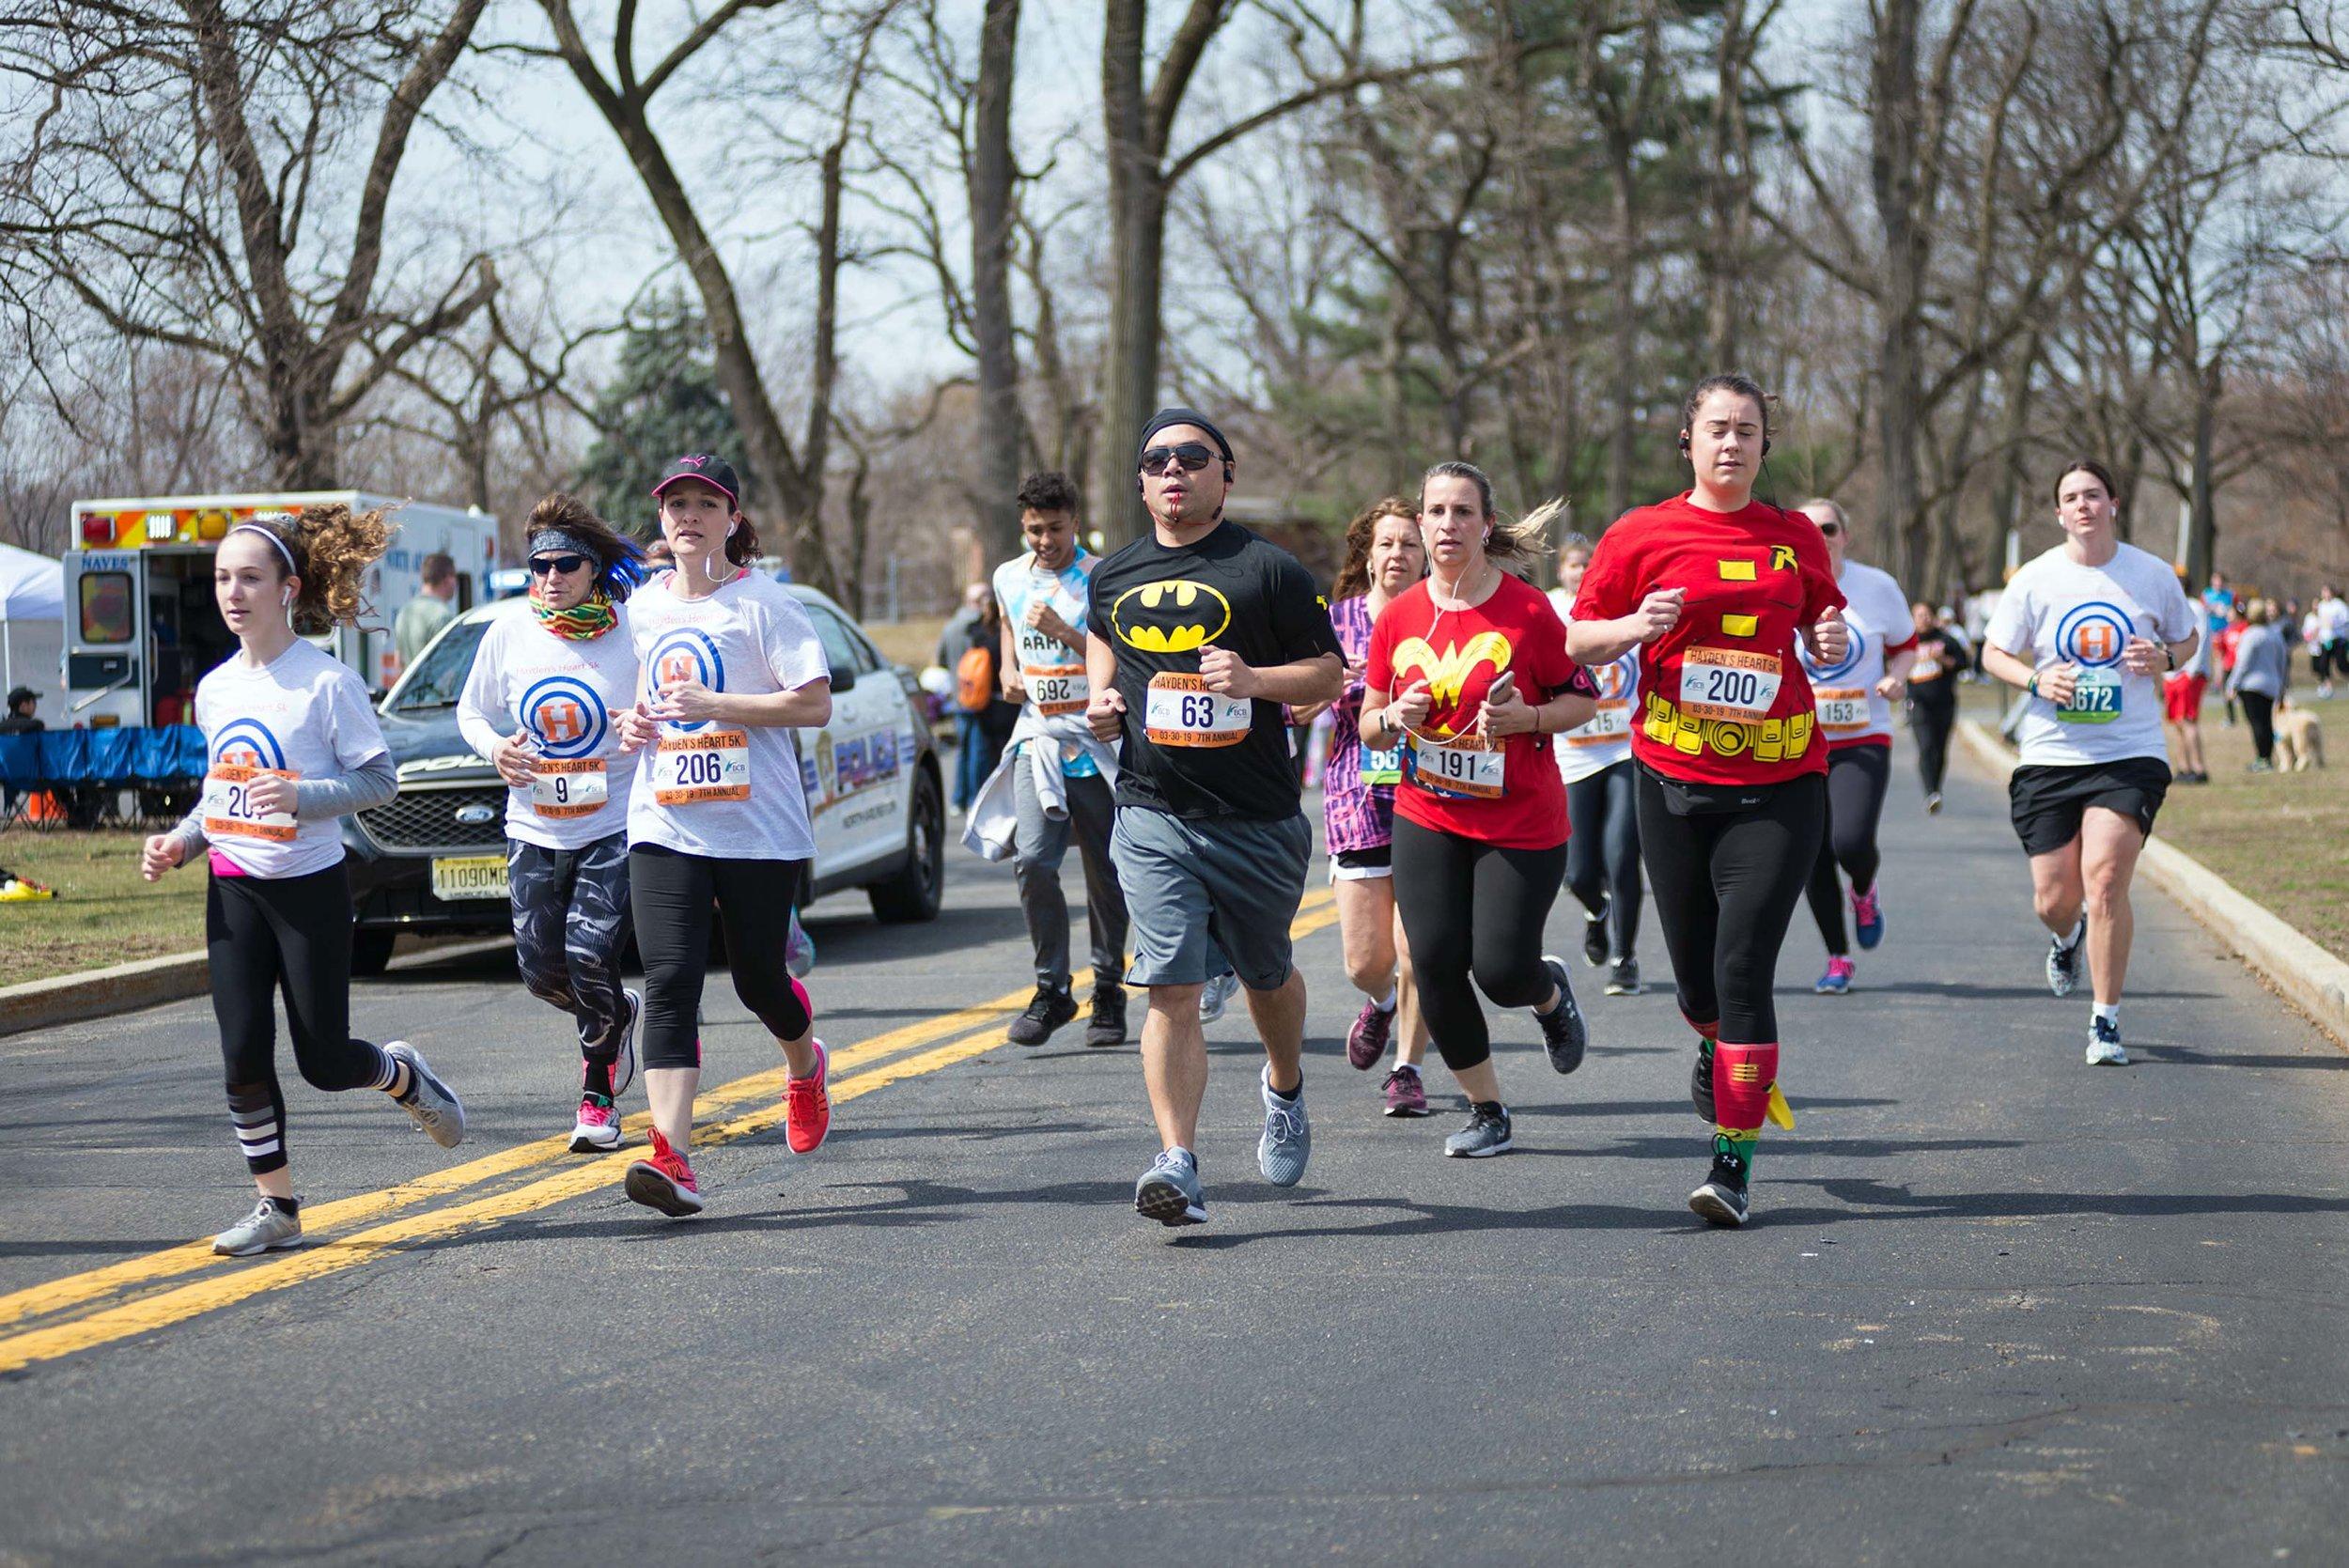 2019-03-30 Haydens Heart 5k - Riverside County Park - North Arlington NJ-183.jpg